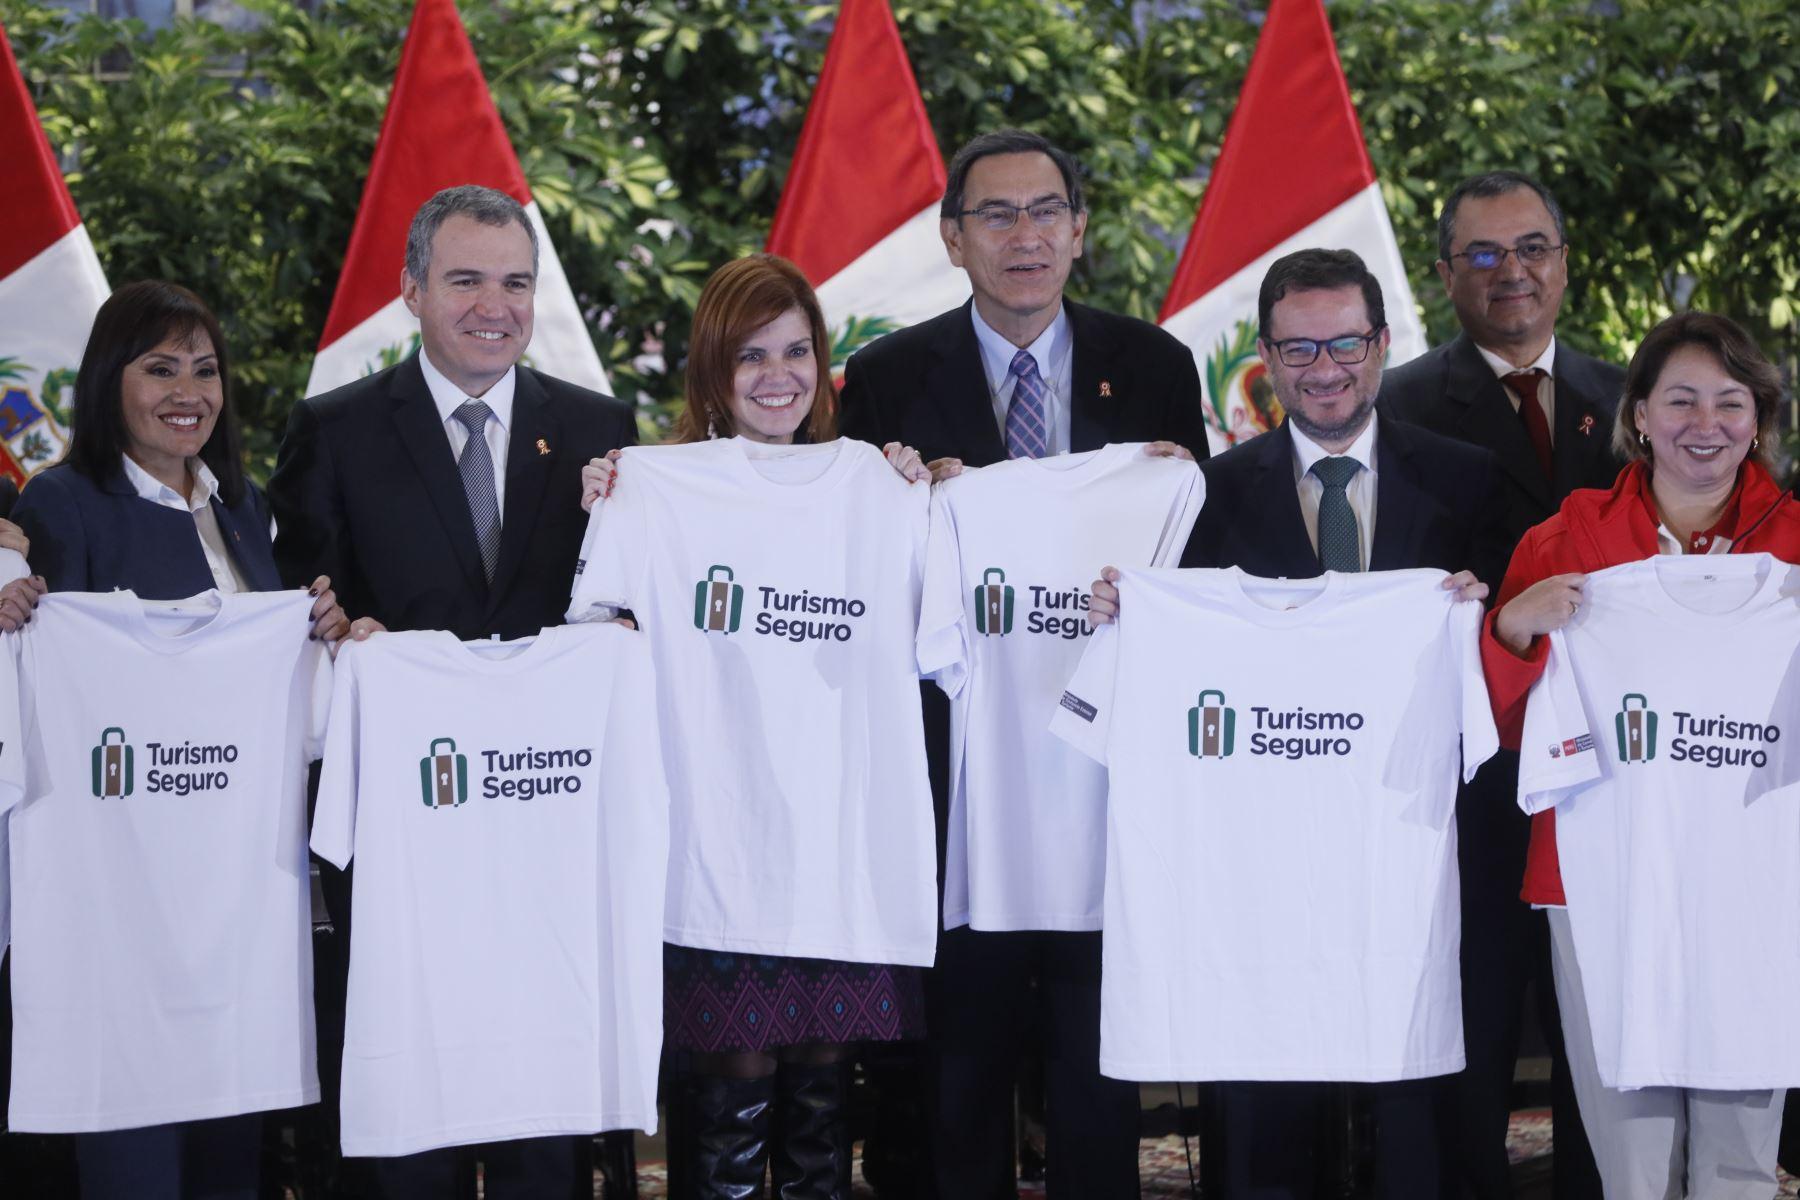 Gobierno impulsa campaña para garantizar el turismo seguro.